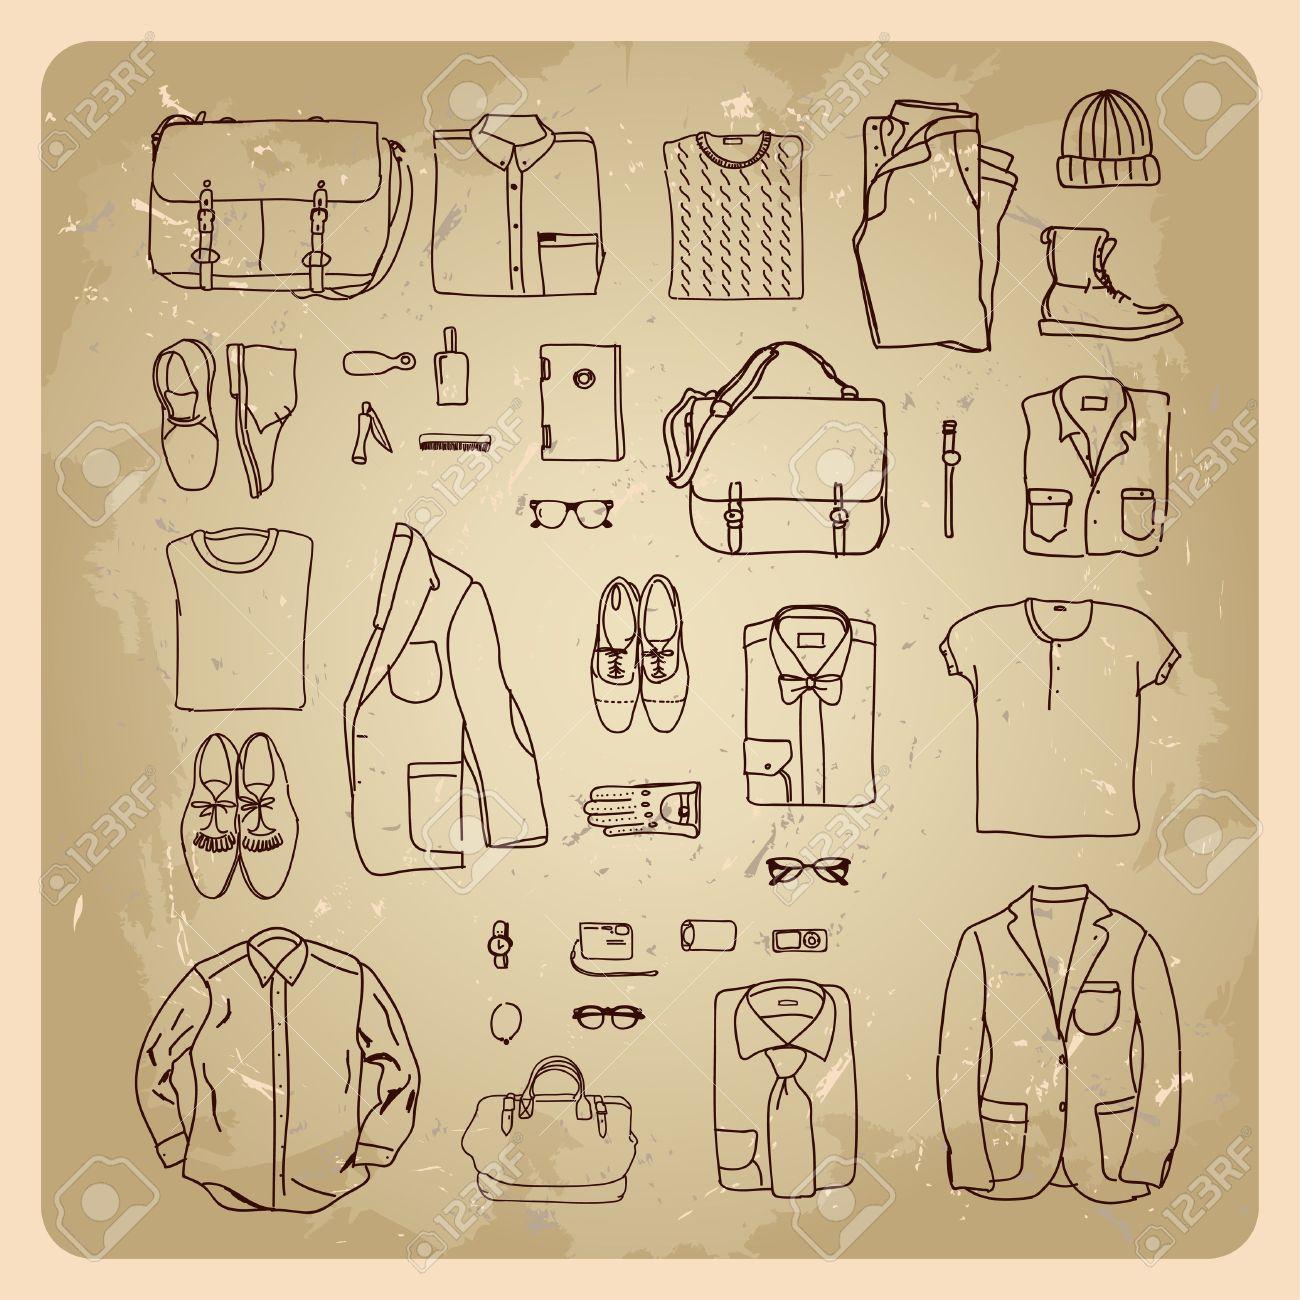 1897c8cc285f2d Männer Kleider Skizzen Herrenmode Kleidung und Accessoires Standard-Bild -  17936450